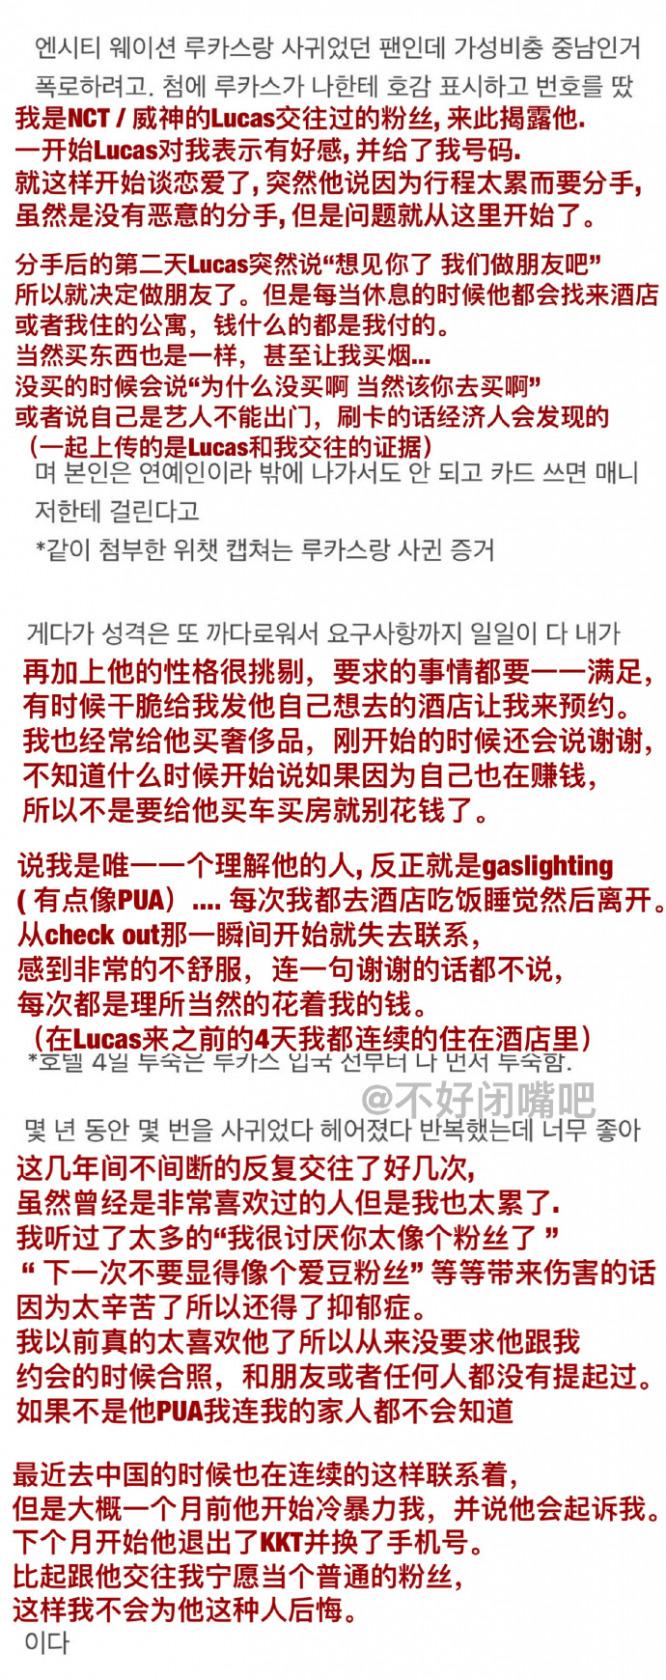 韩国女网友曝光与Lucas恋情